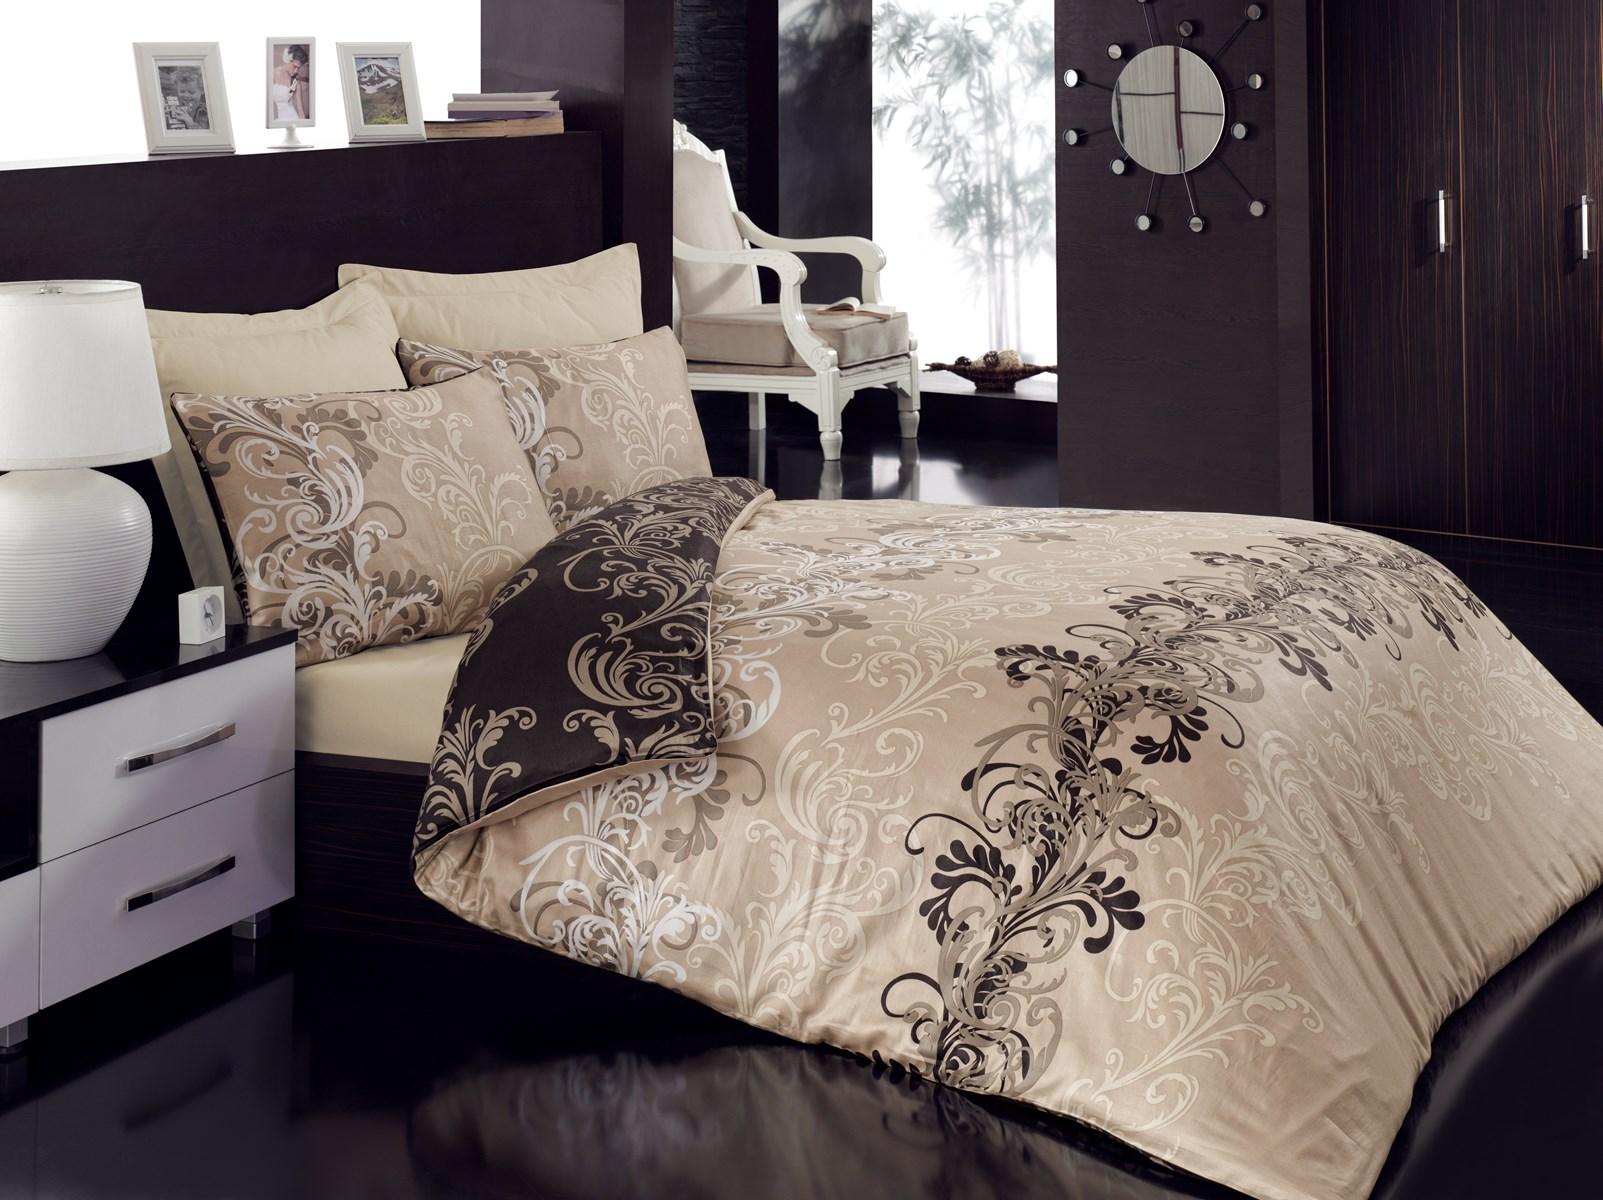 linge de maison parure de lit Parure de lit cemile bej   Meubles et décoration Tunisie linge de maison parure de lit